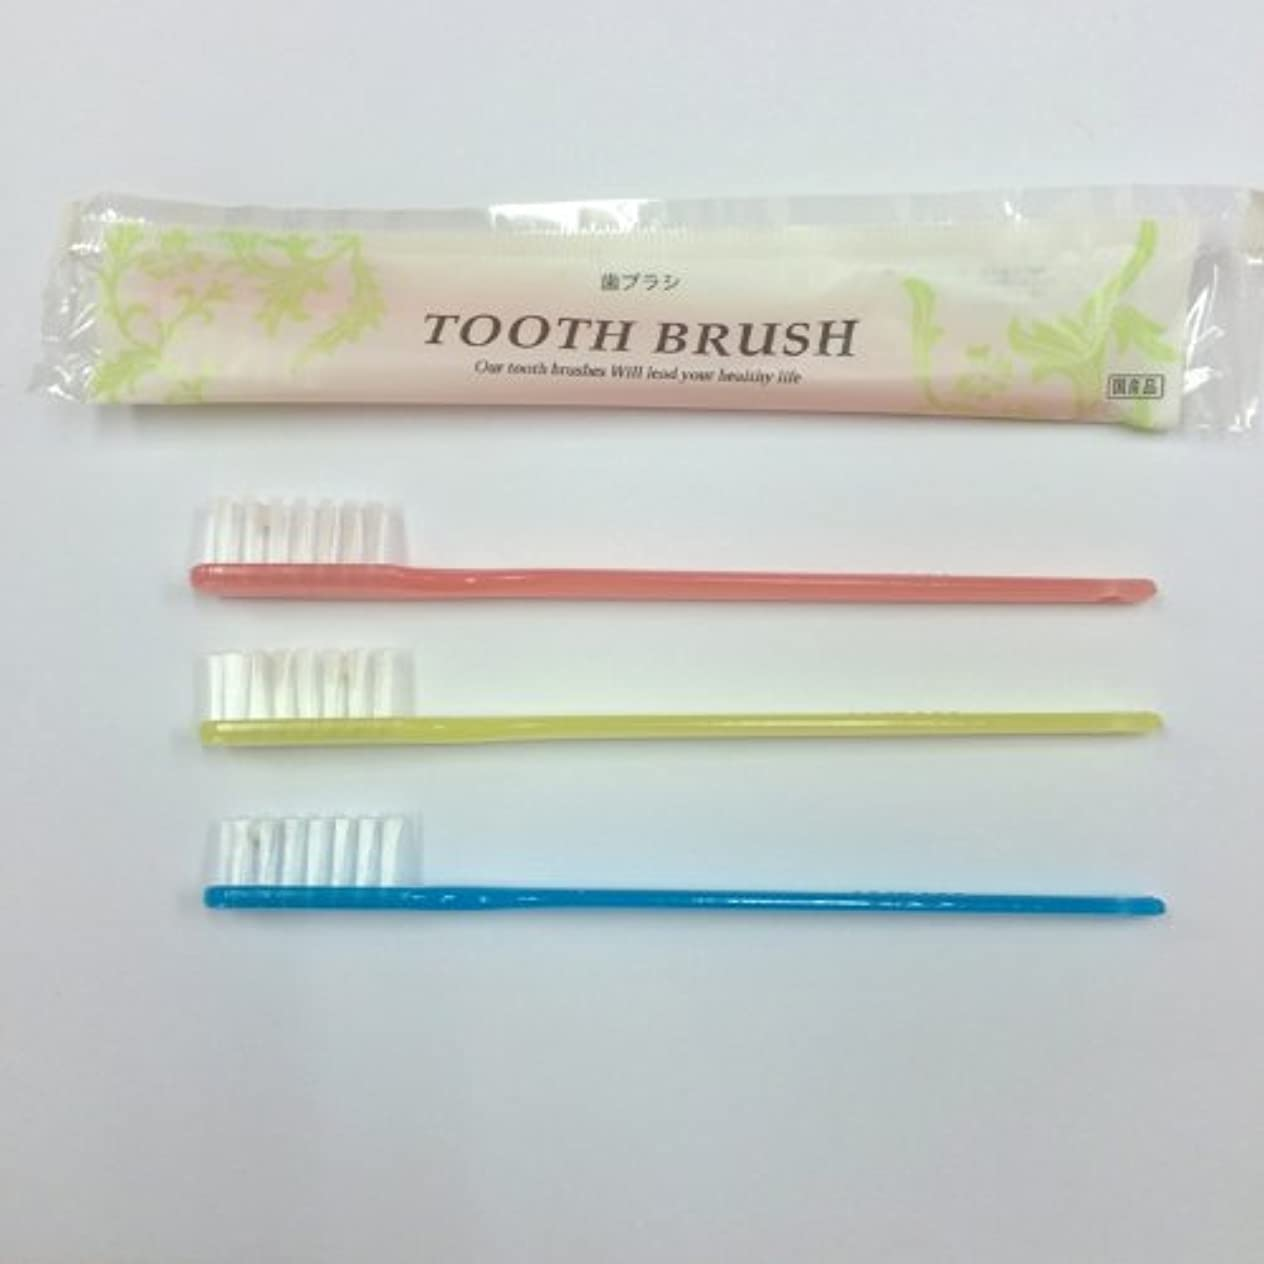 インスタント歯ブラシ 3色アソート(ピンク?ブルー?イエロー) 200本